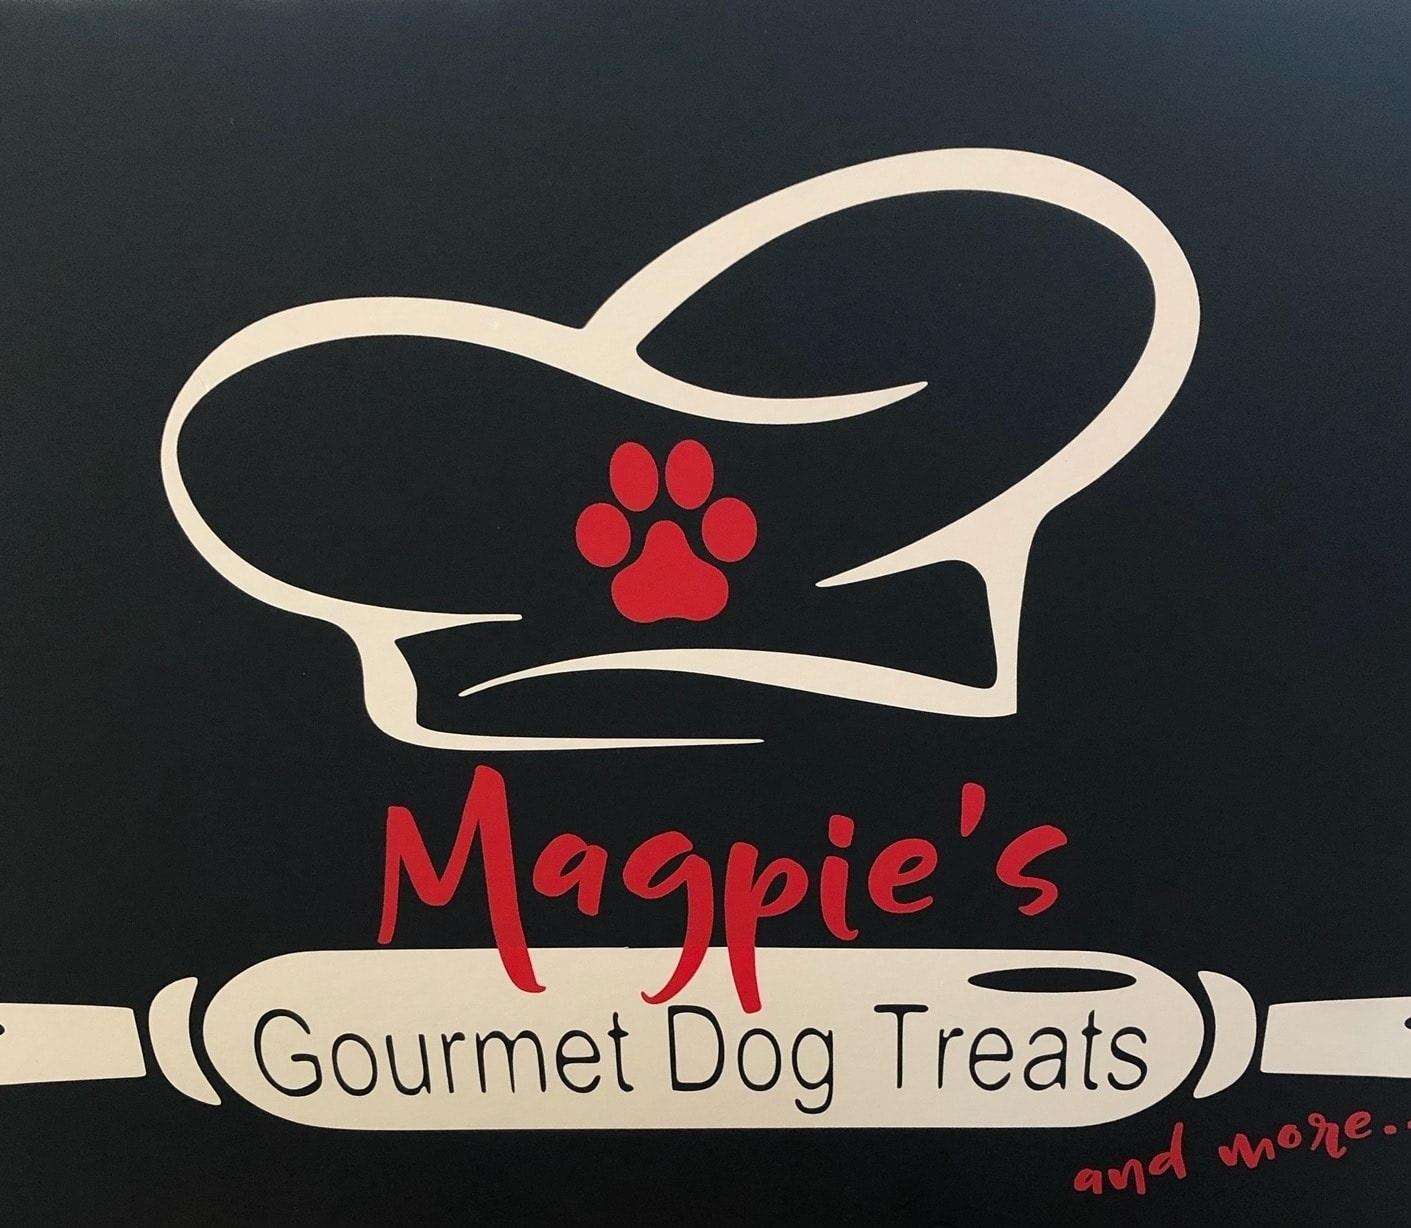 Magpies Gourmet Dog Treats Logo